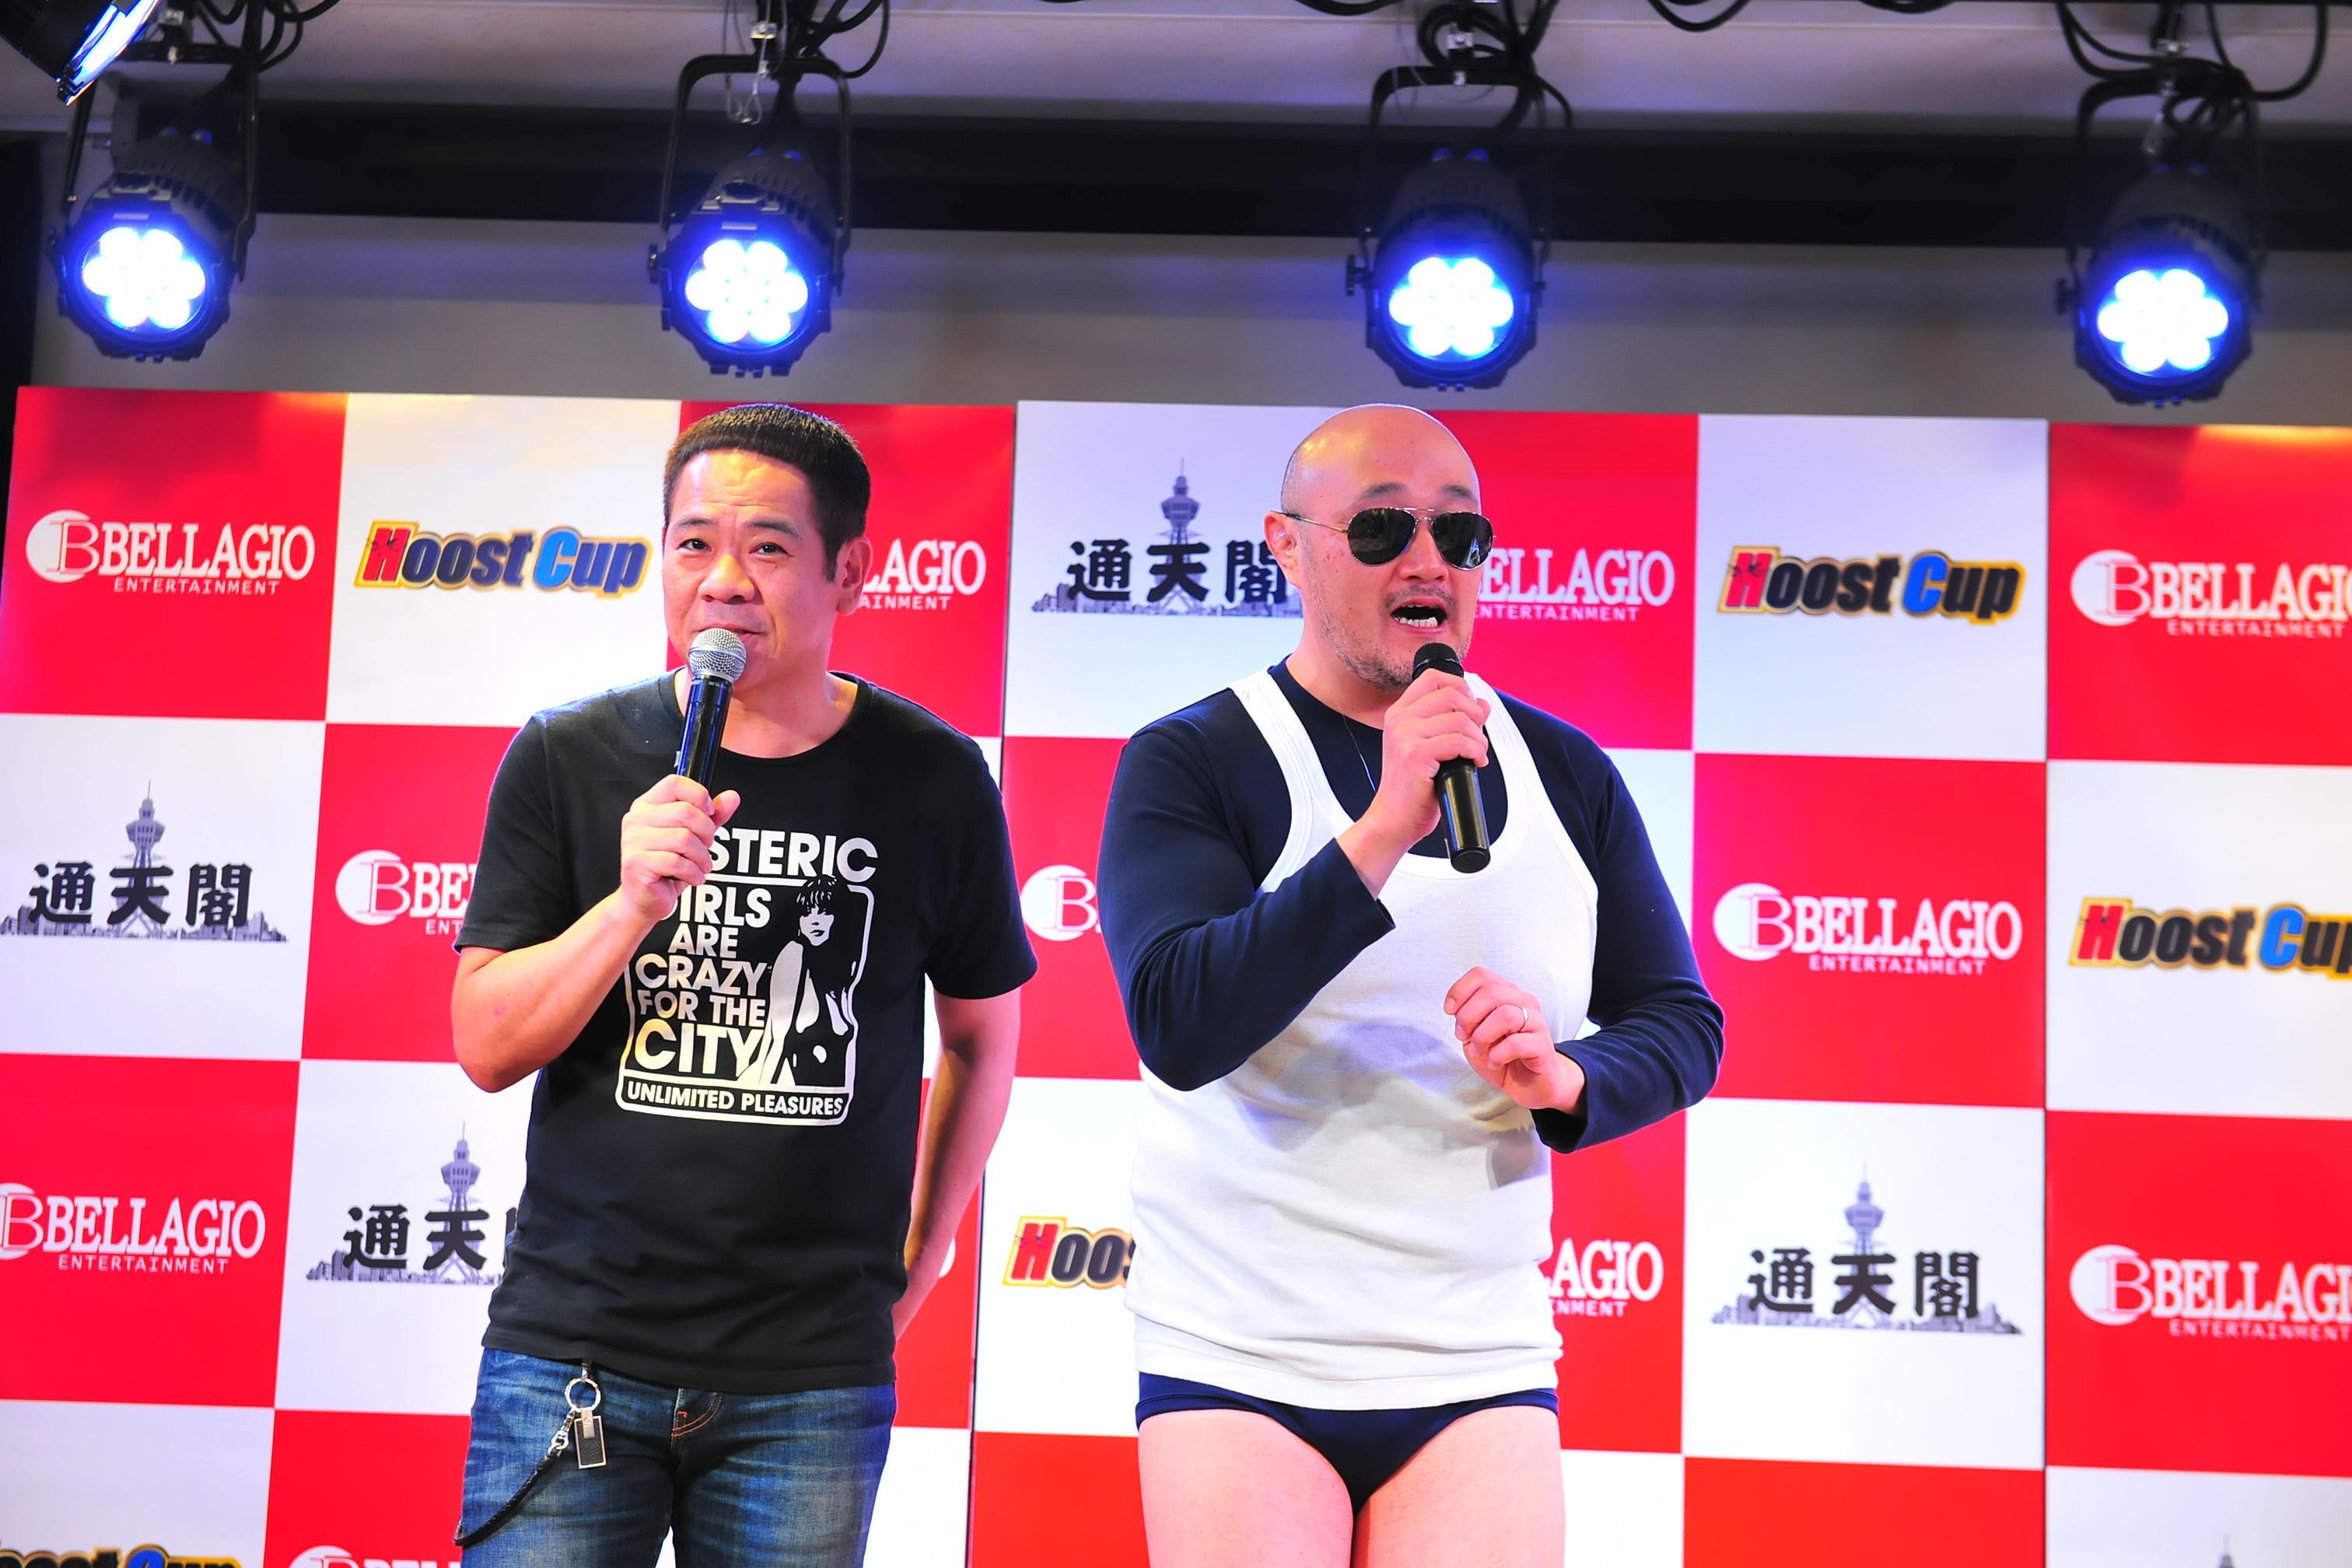 http://news.yoshimoto.co.jp/20160830234638-65ef16ae9b6050a49b4cdd95221853f2163ba7b2.jpg